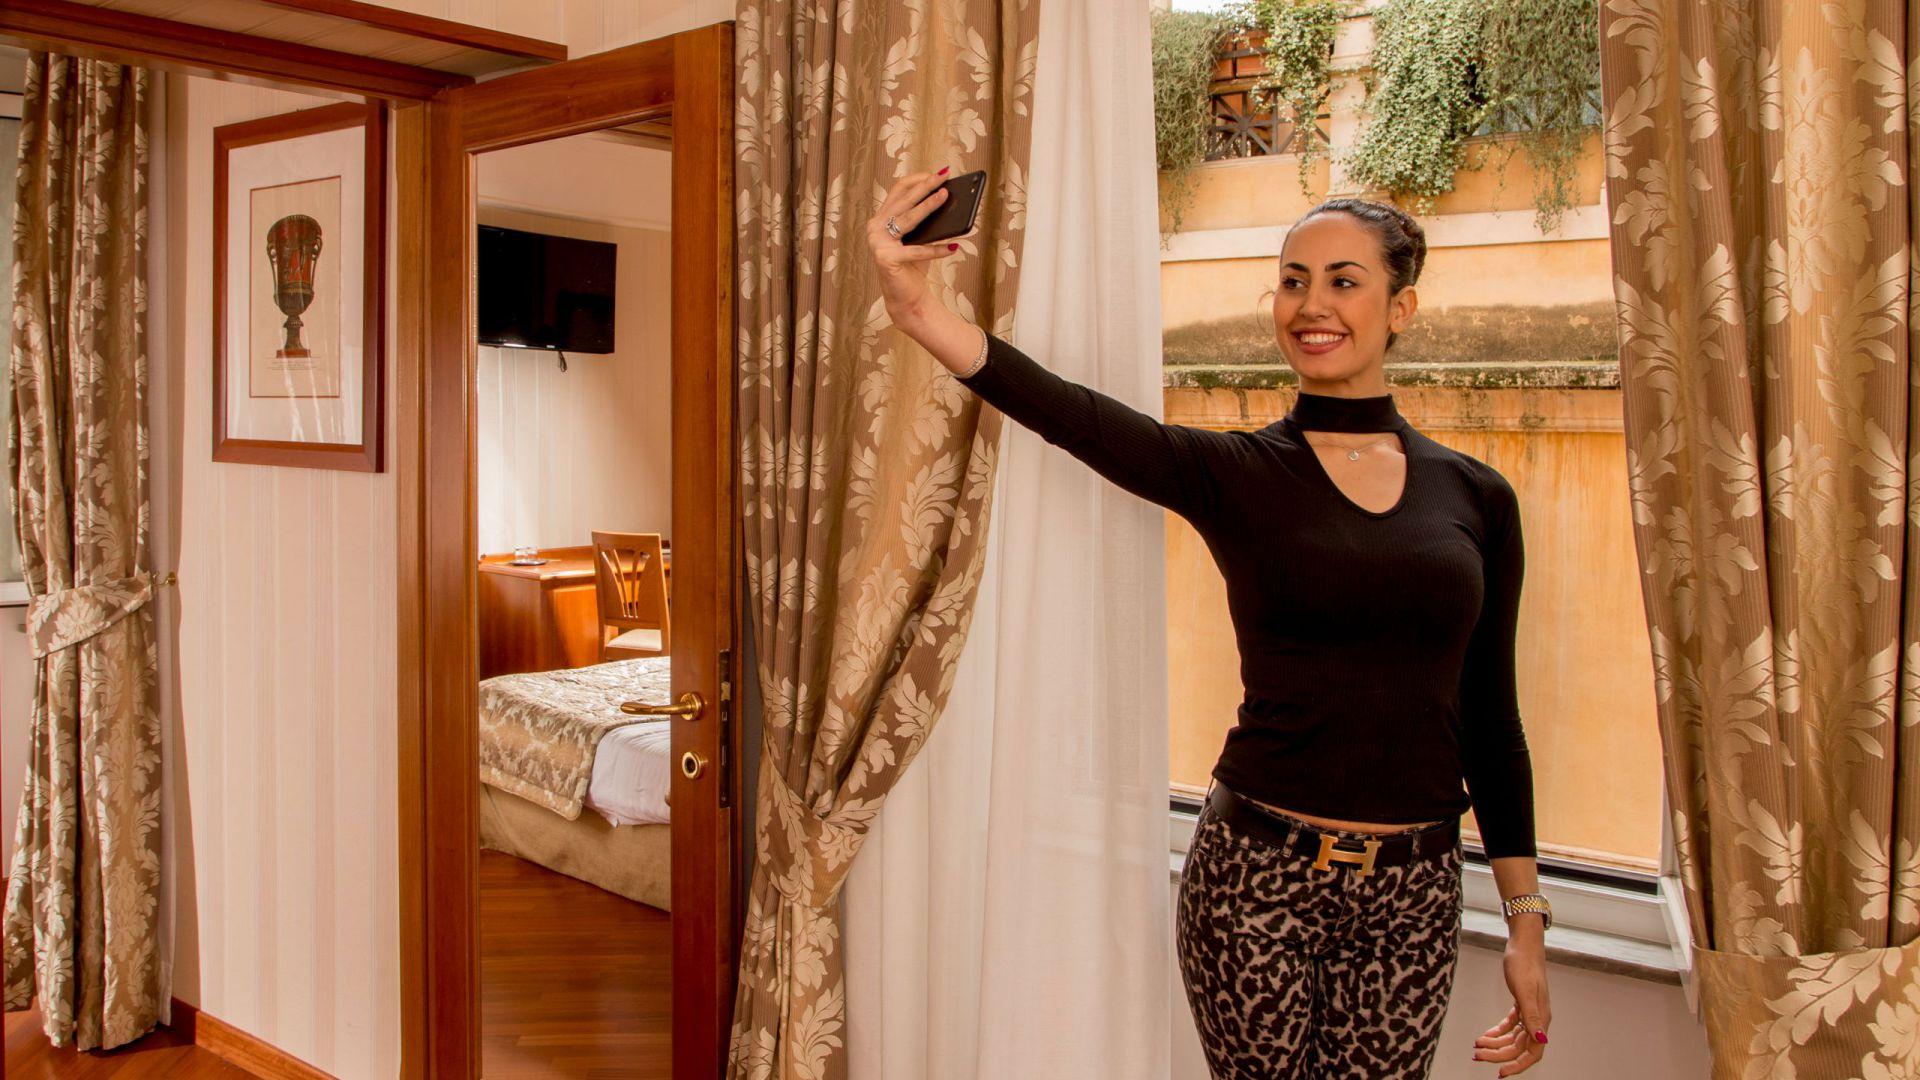 albergo-ottocento-rome-chambre-double-deluxe-23